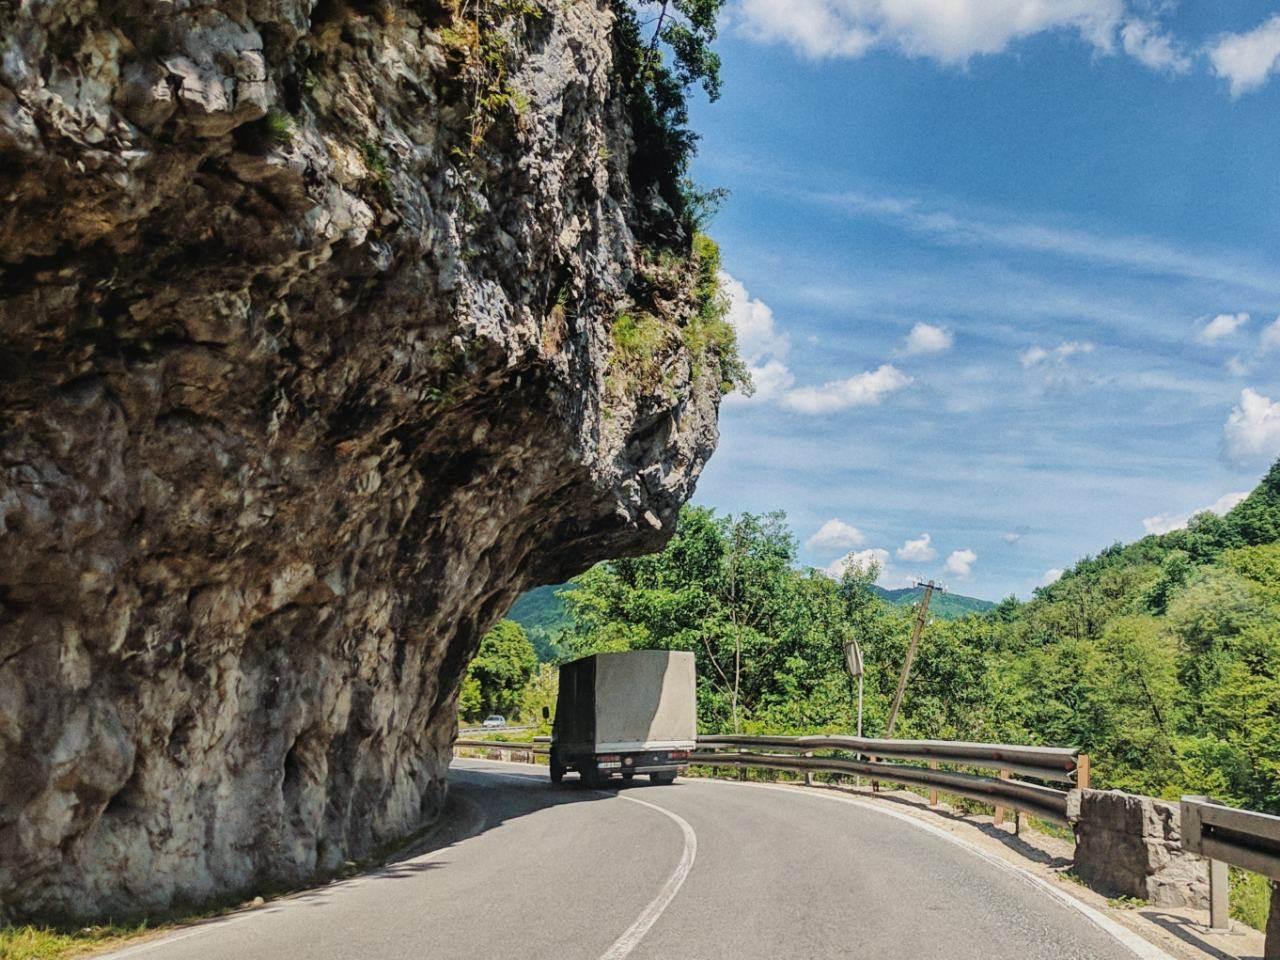 tijesno, kanjon, kamion, krivina, saobraćaj, stijena, stijene